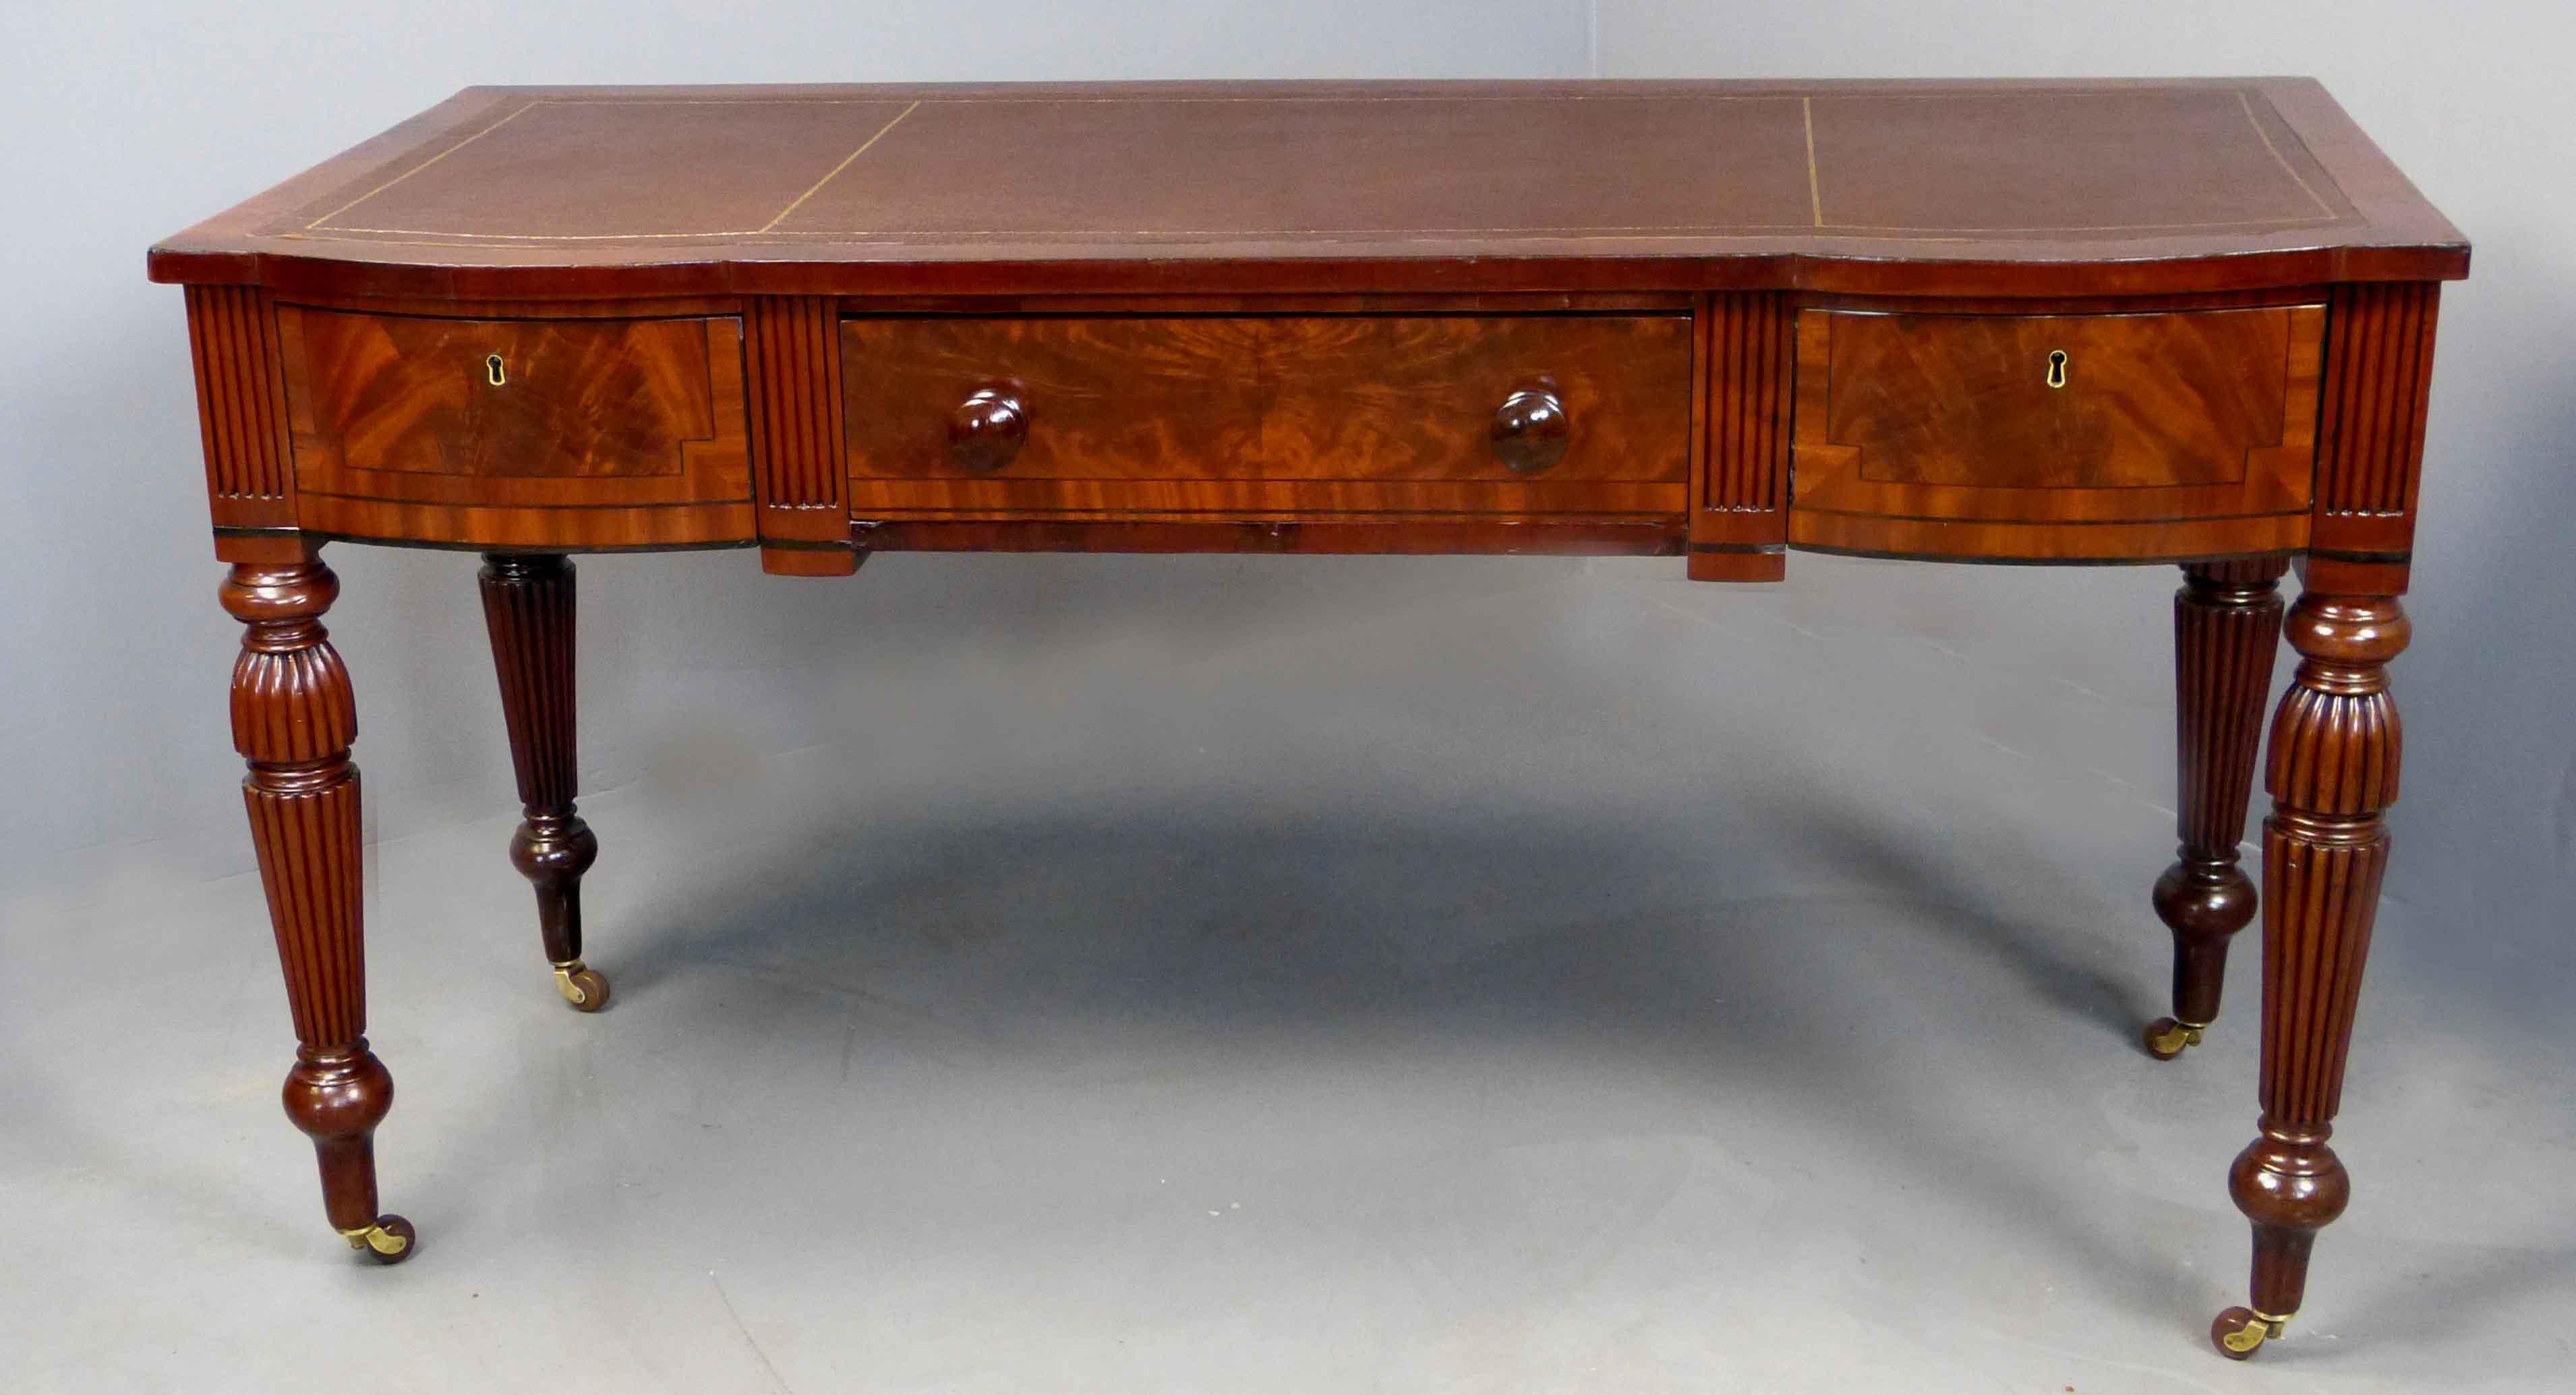 Venta muebles antiguos caoba 20170807072419 - Muebles de segunda mano antiguos ...